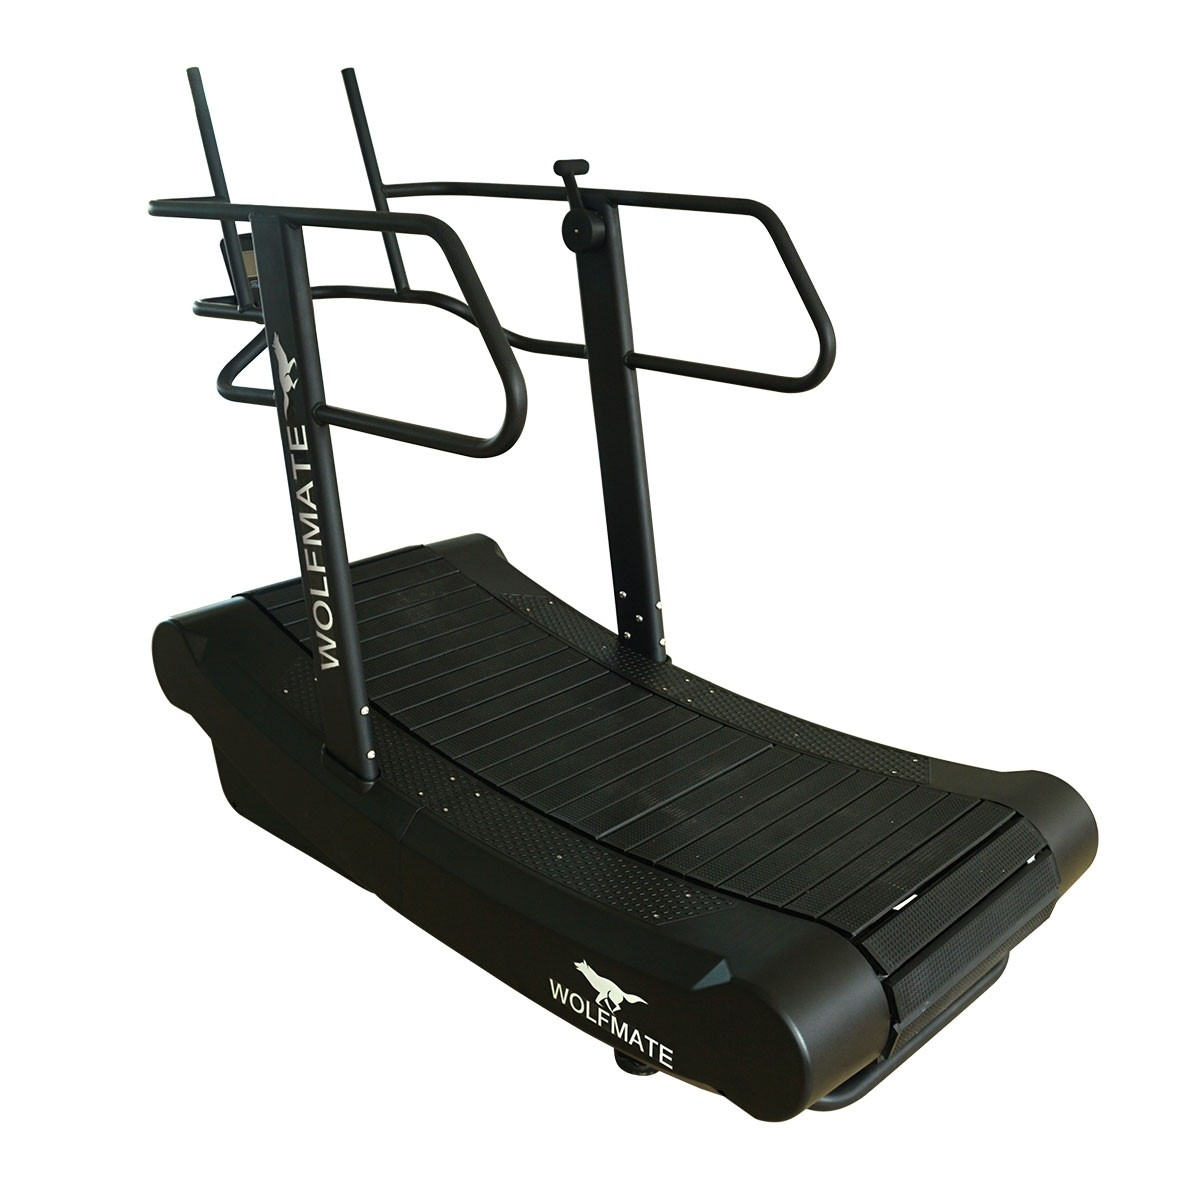 Wolfmate Fitness Tapis de Course Incurvé Auto-Alimenté (Résistance Réglable) (MND-Y600B)